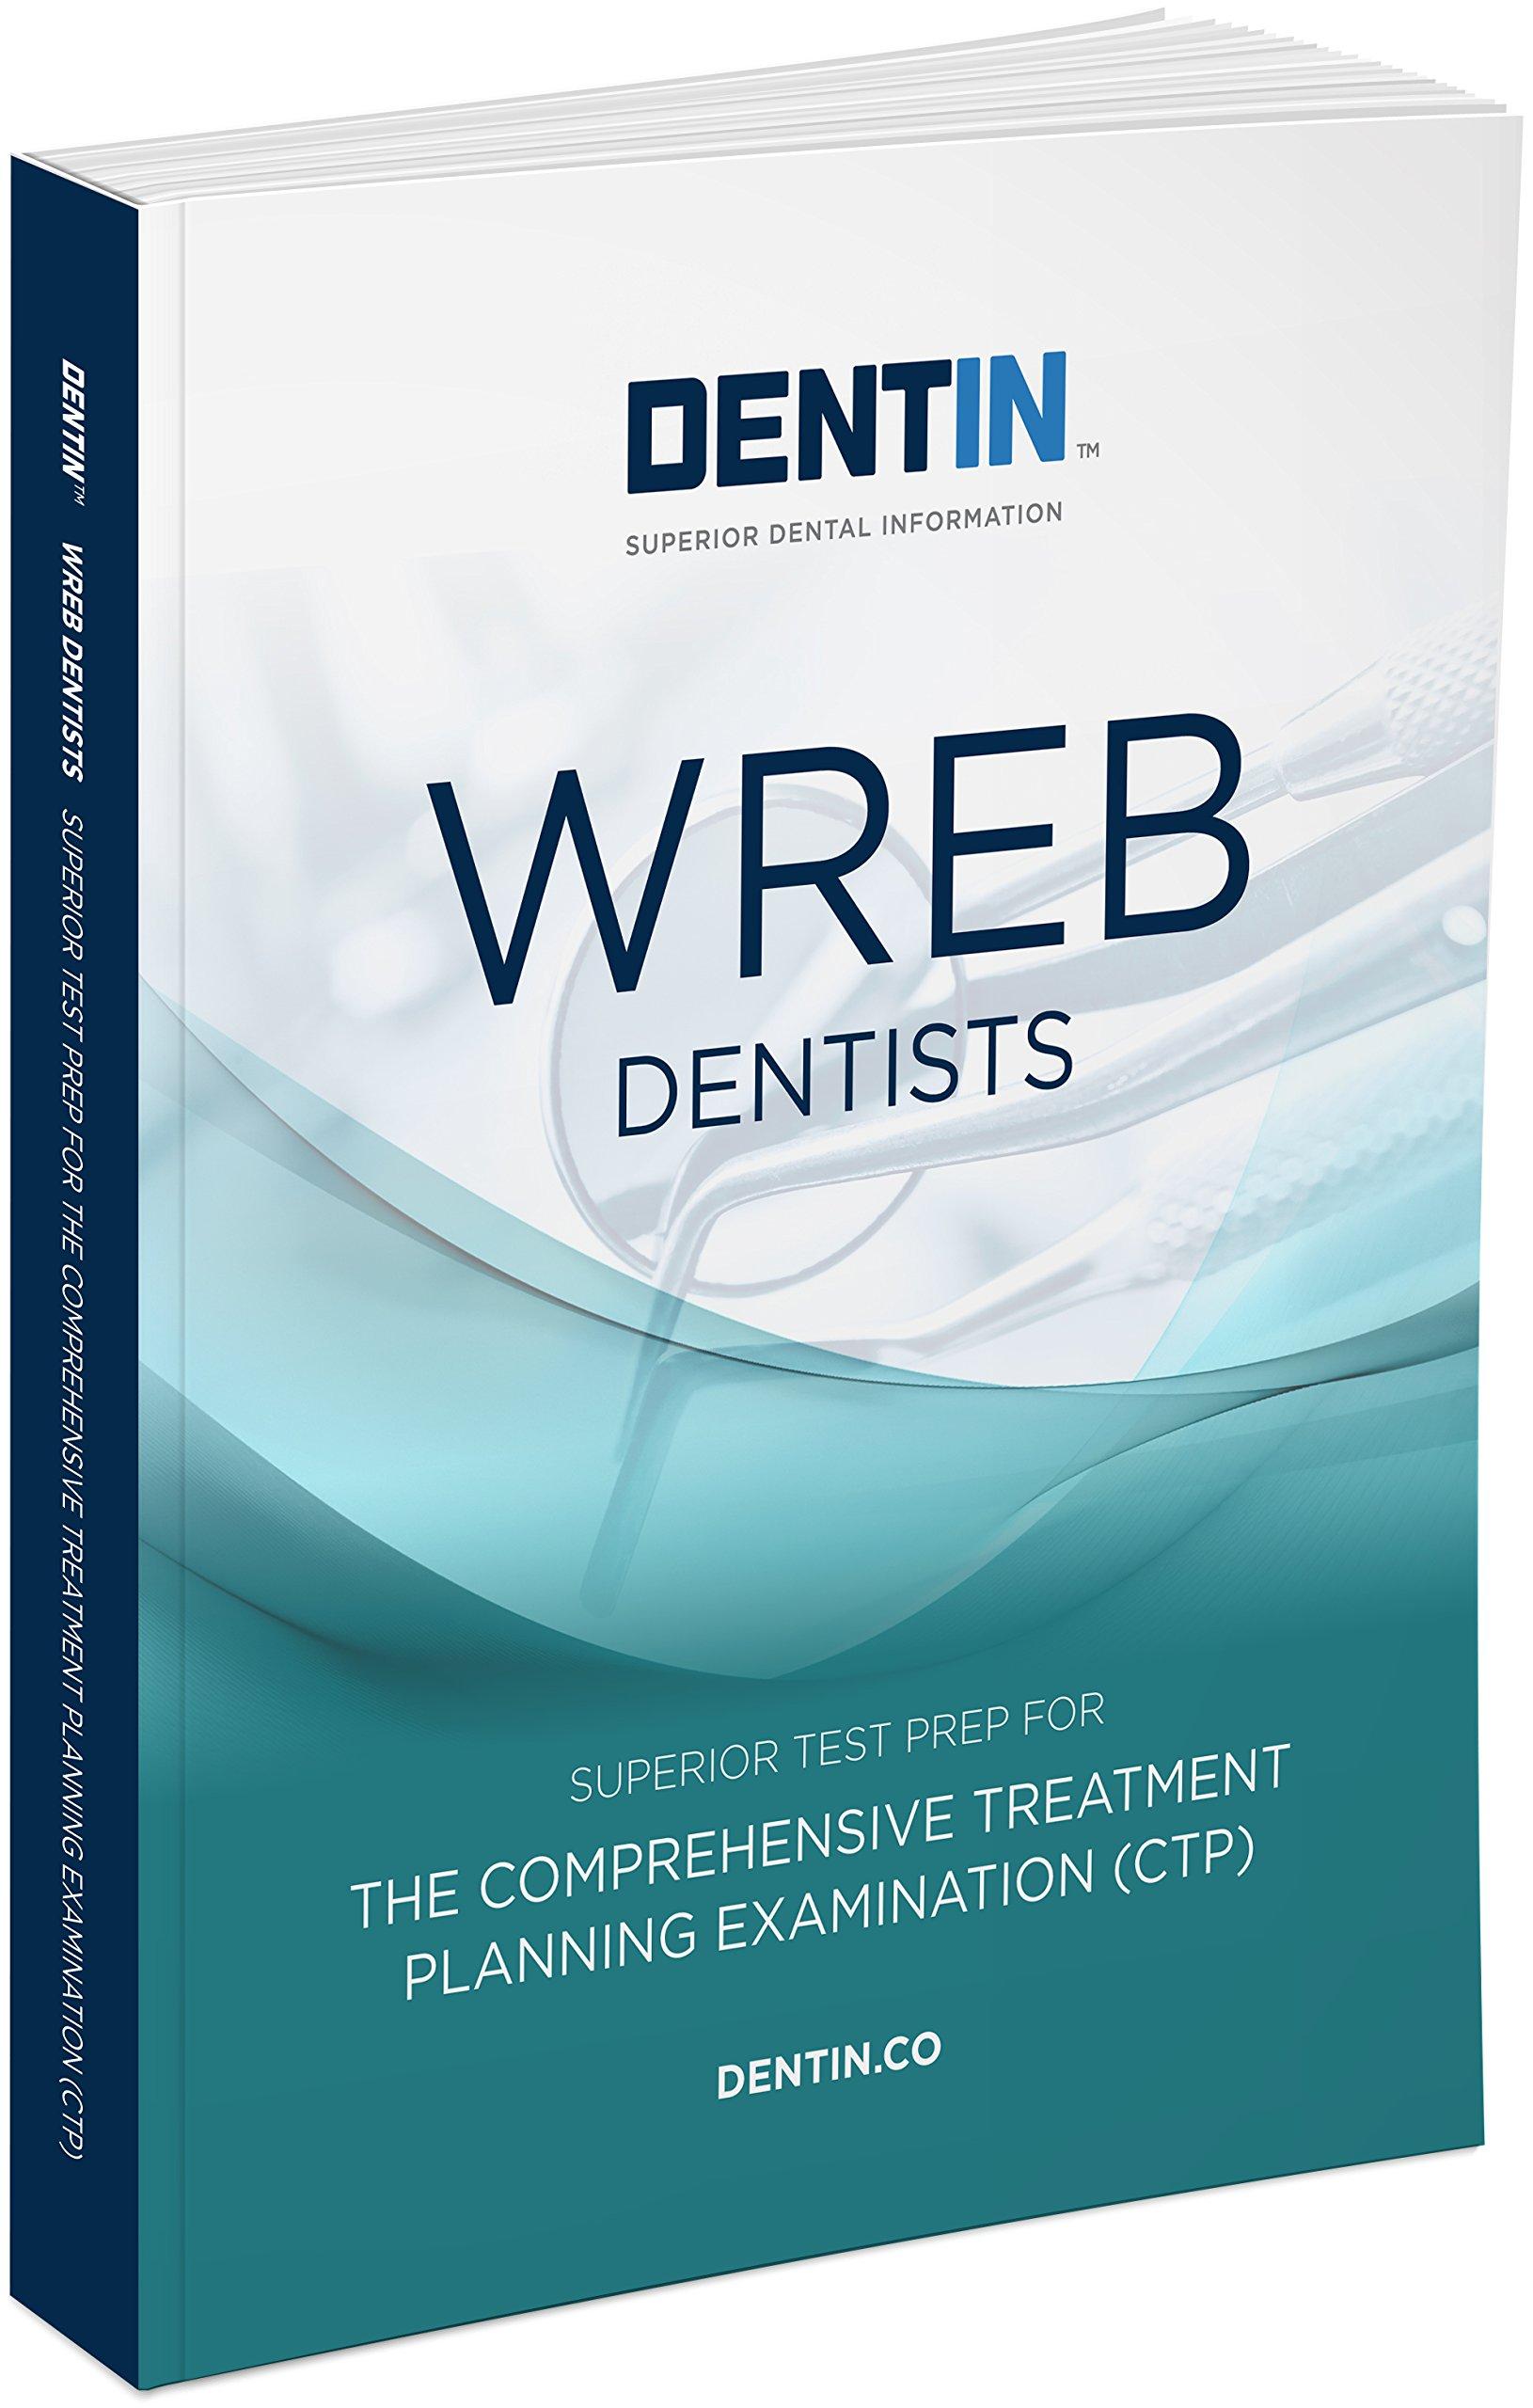 dentin wreb dentists d m d m p a rick j rubin 9780996365536 rh amazon com